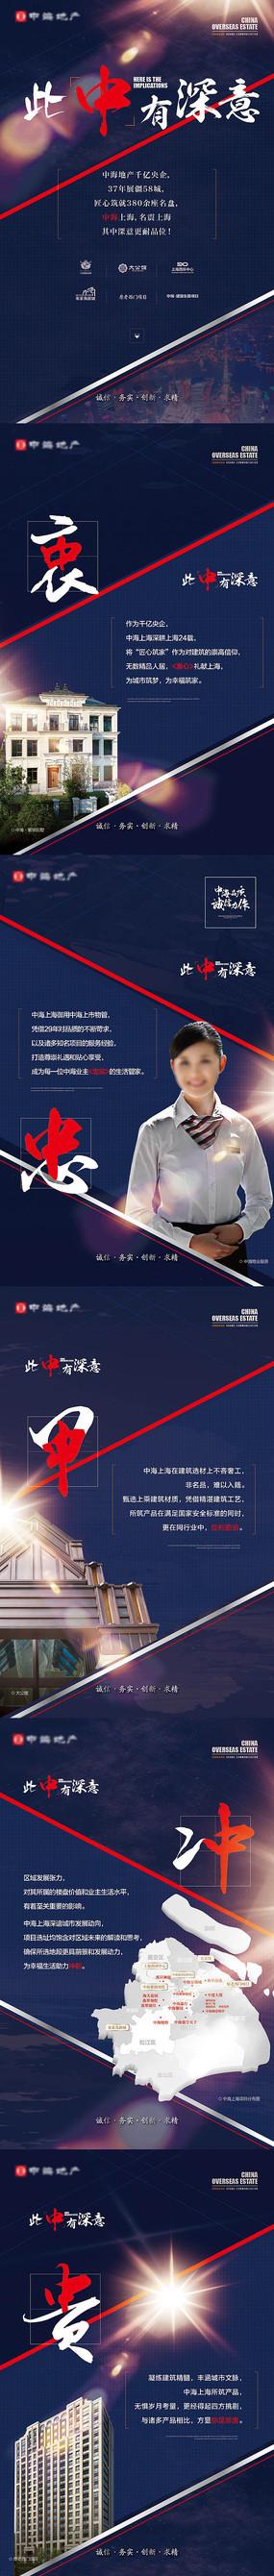 高端企业品牌海报